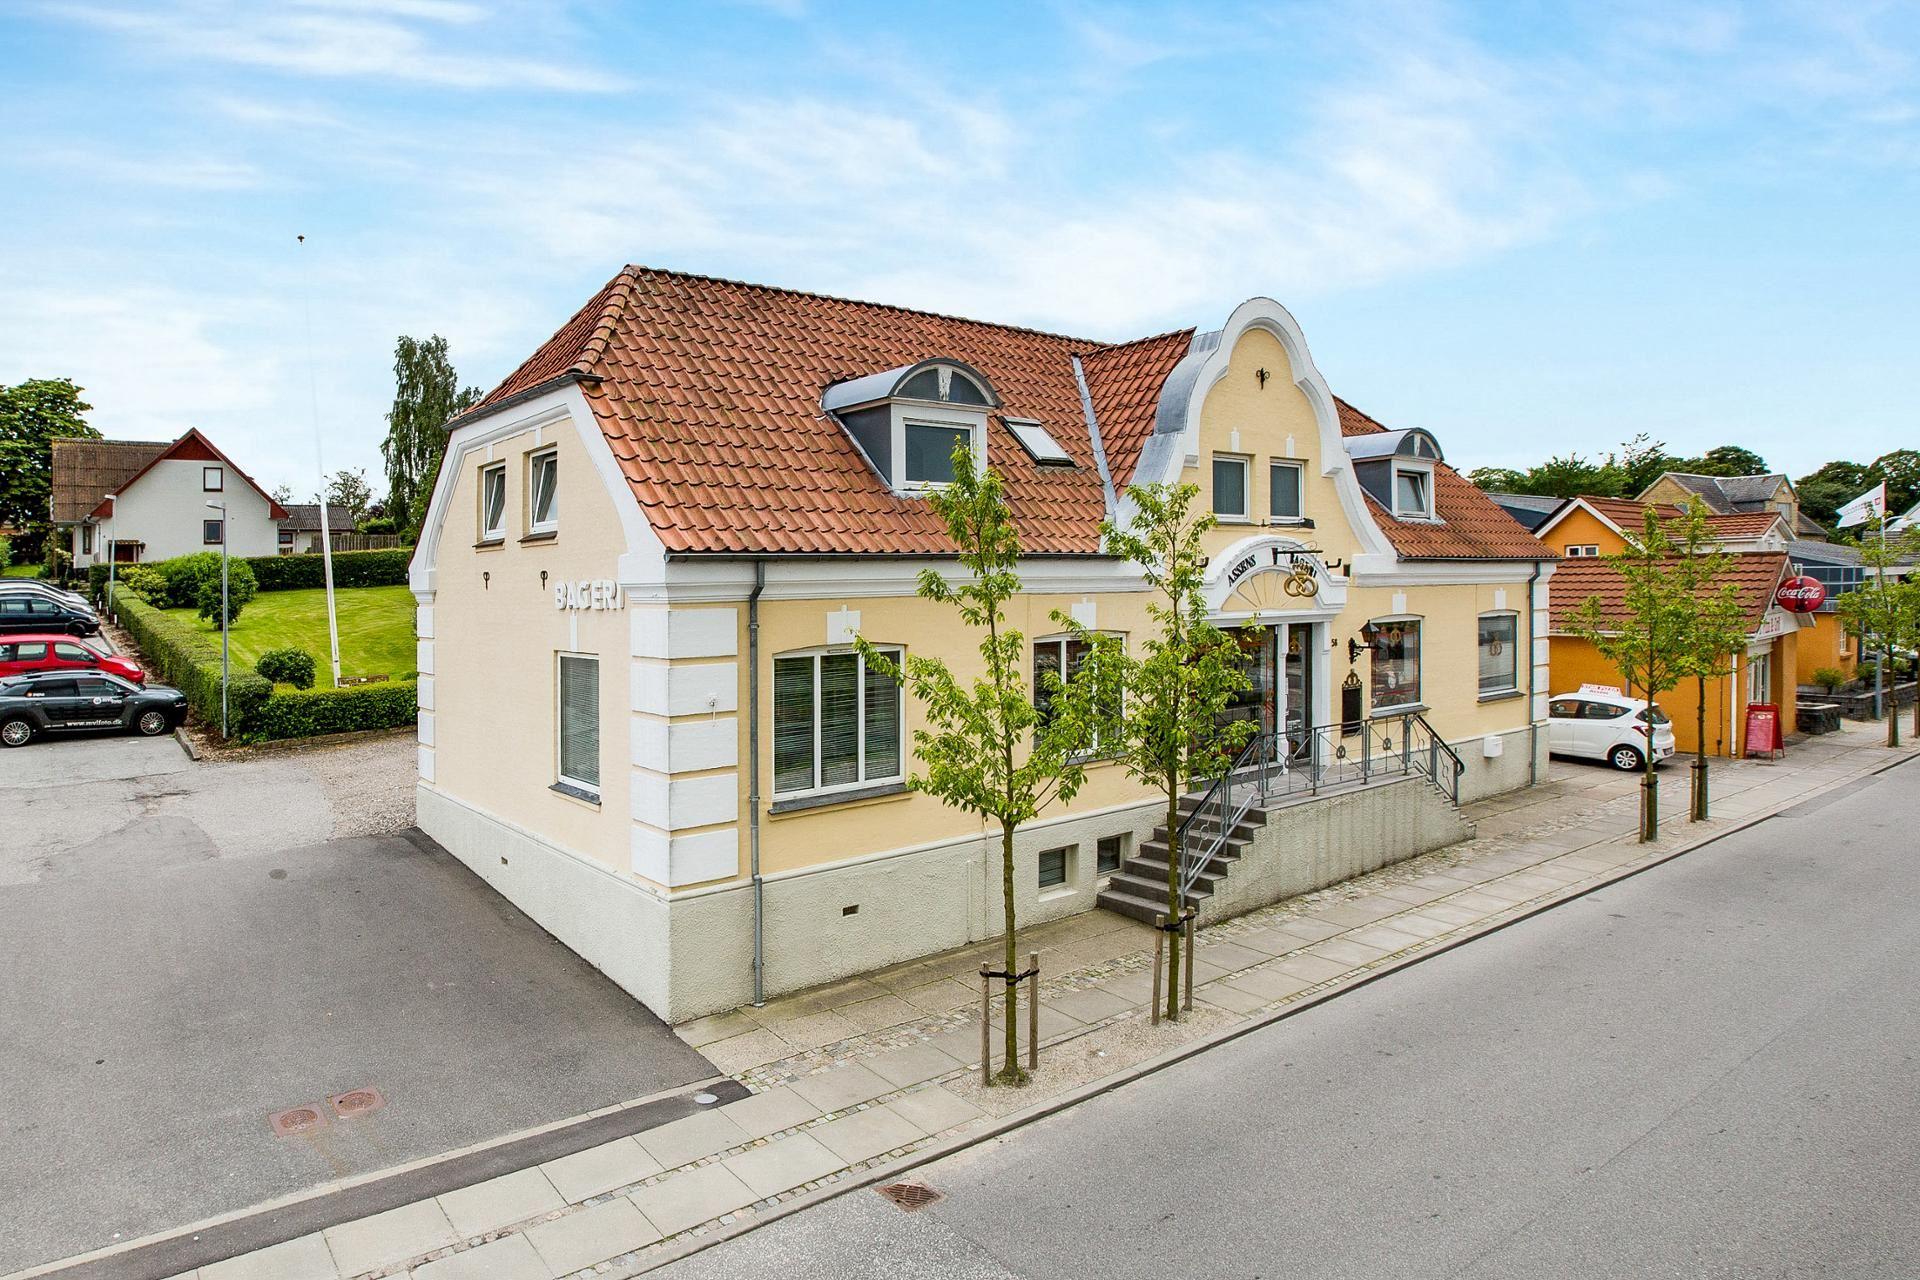 Storegade 58, Assens, 9550 Mariager